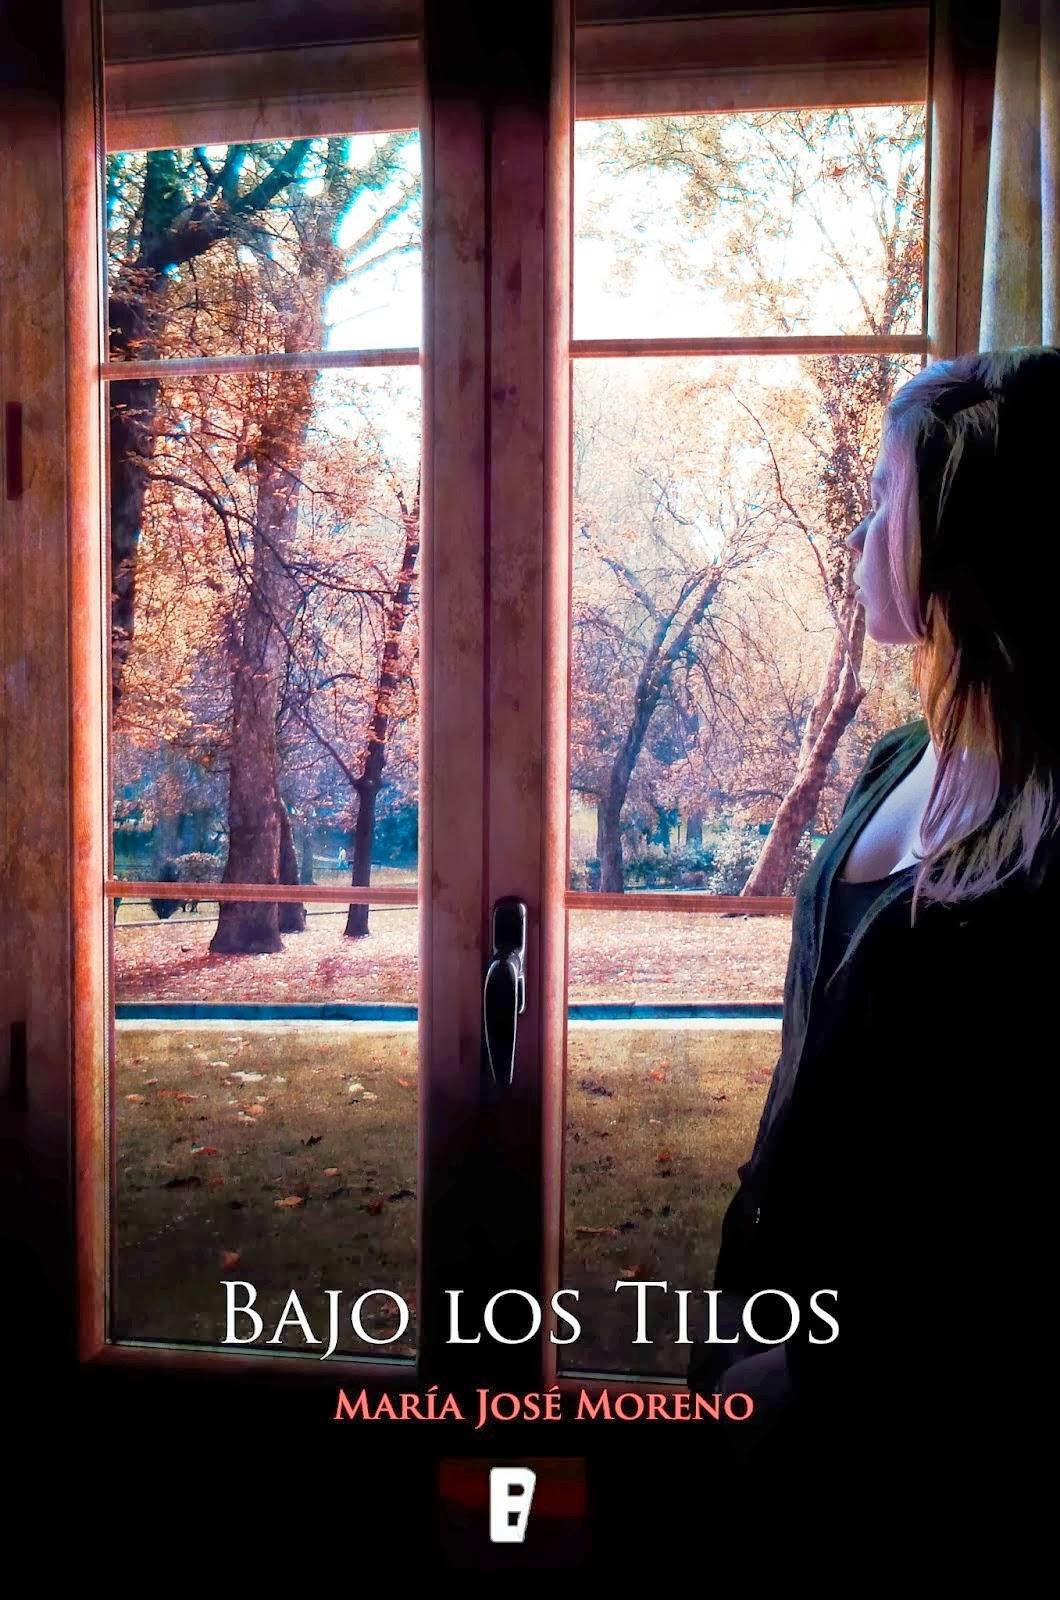 http://www.eluniversodeloslibros.com/2014/12/sorteo-bajo-los-tilos.html